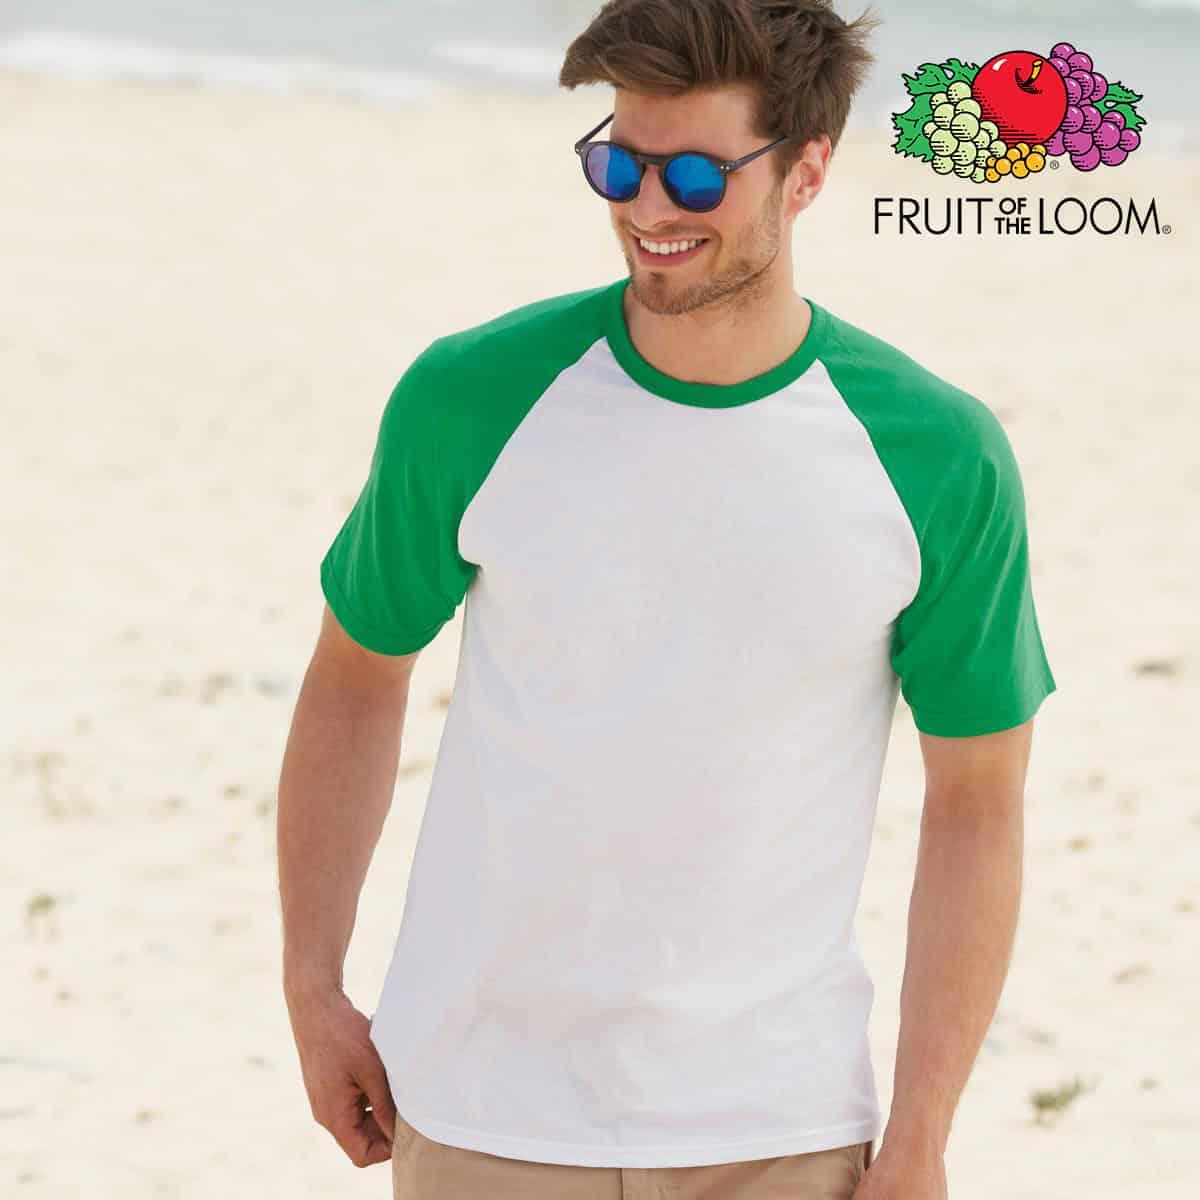 Ragazzo con tshirt in cotone maniche corte e girocollo di colore bianco e maniche verdi